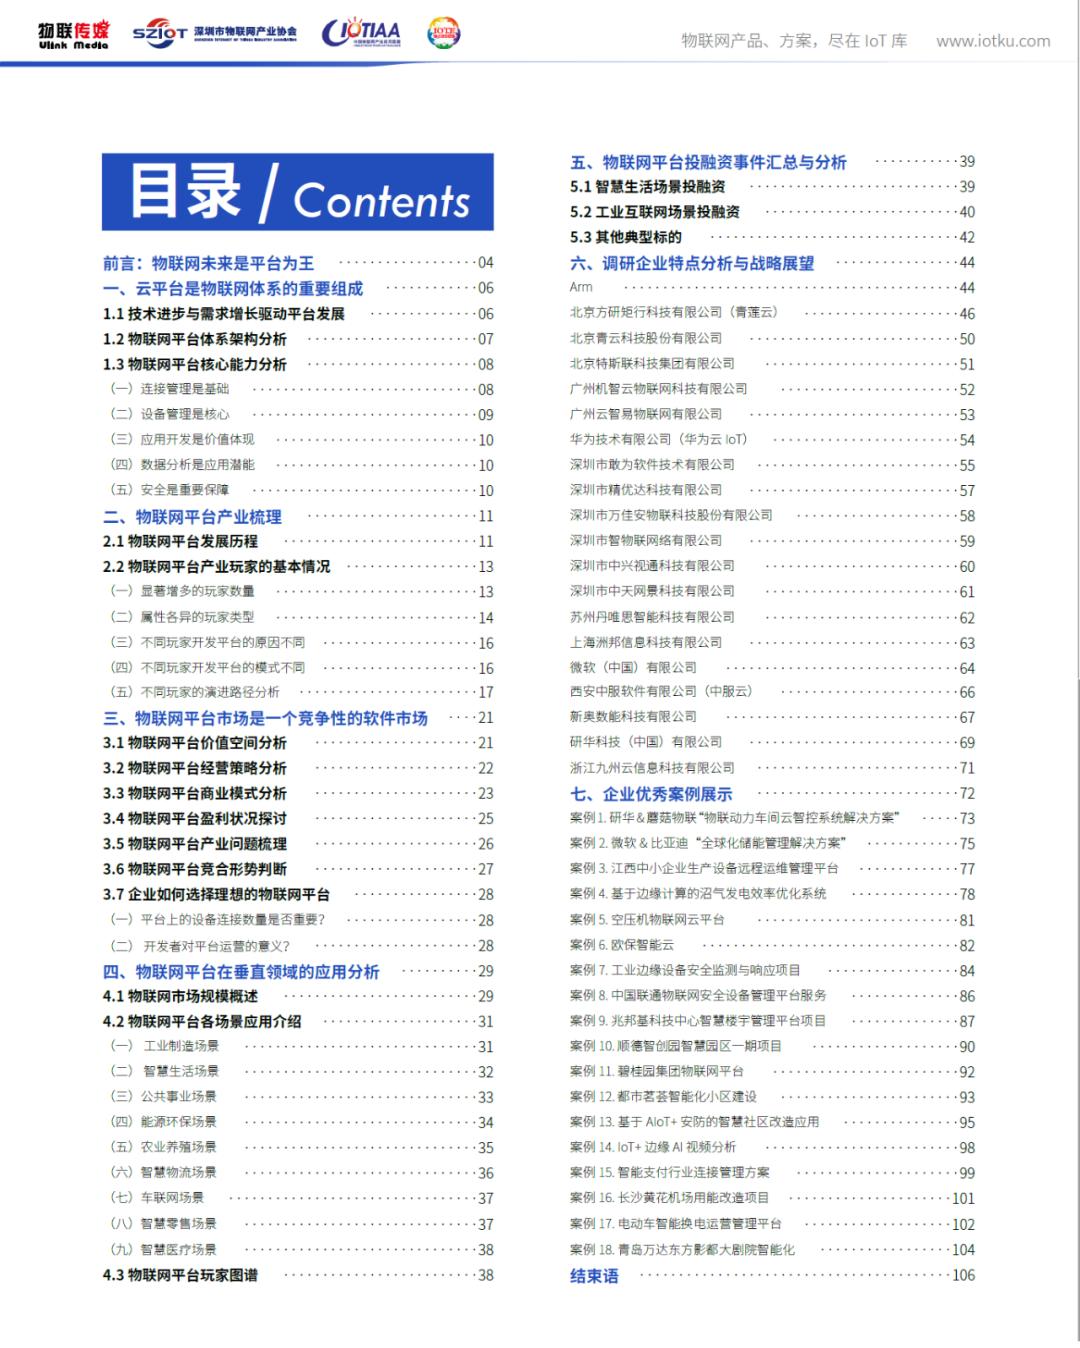 为什么IoT企业都要做平台丨中国物联网平台产业市场研究报告重磅发布